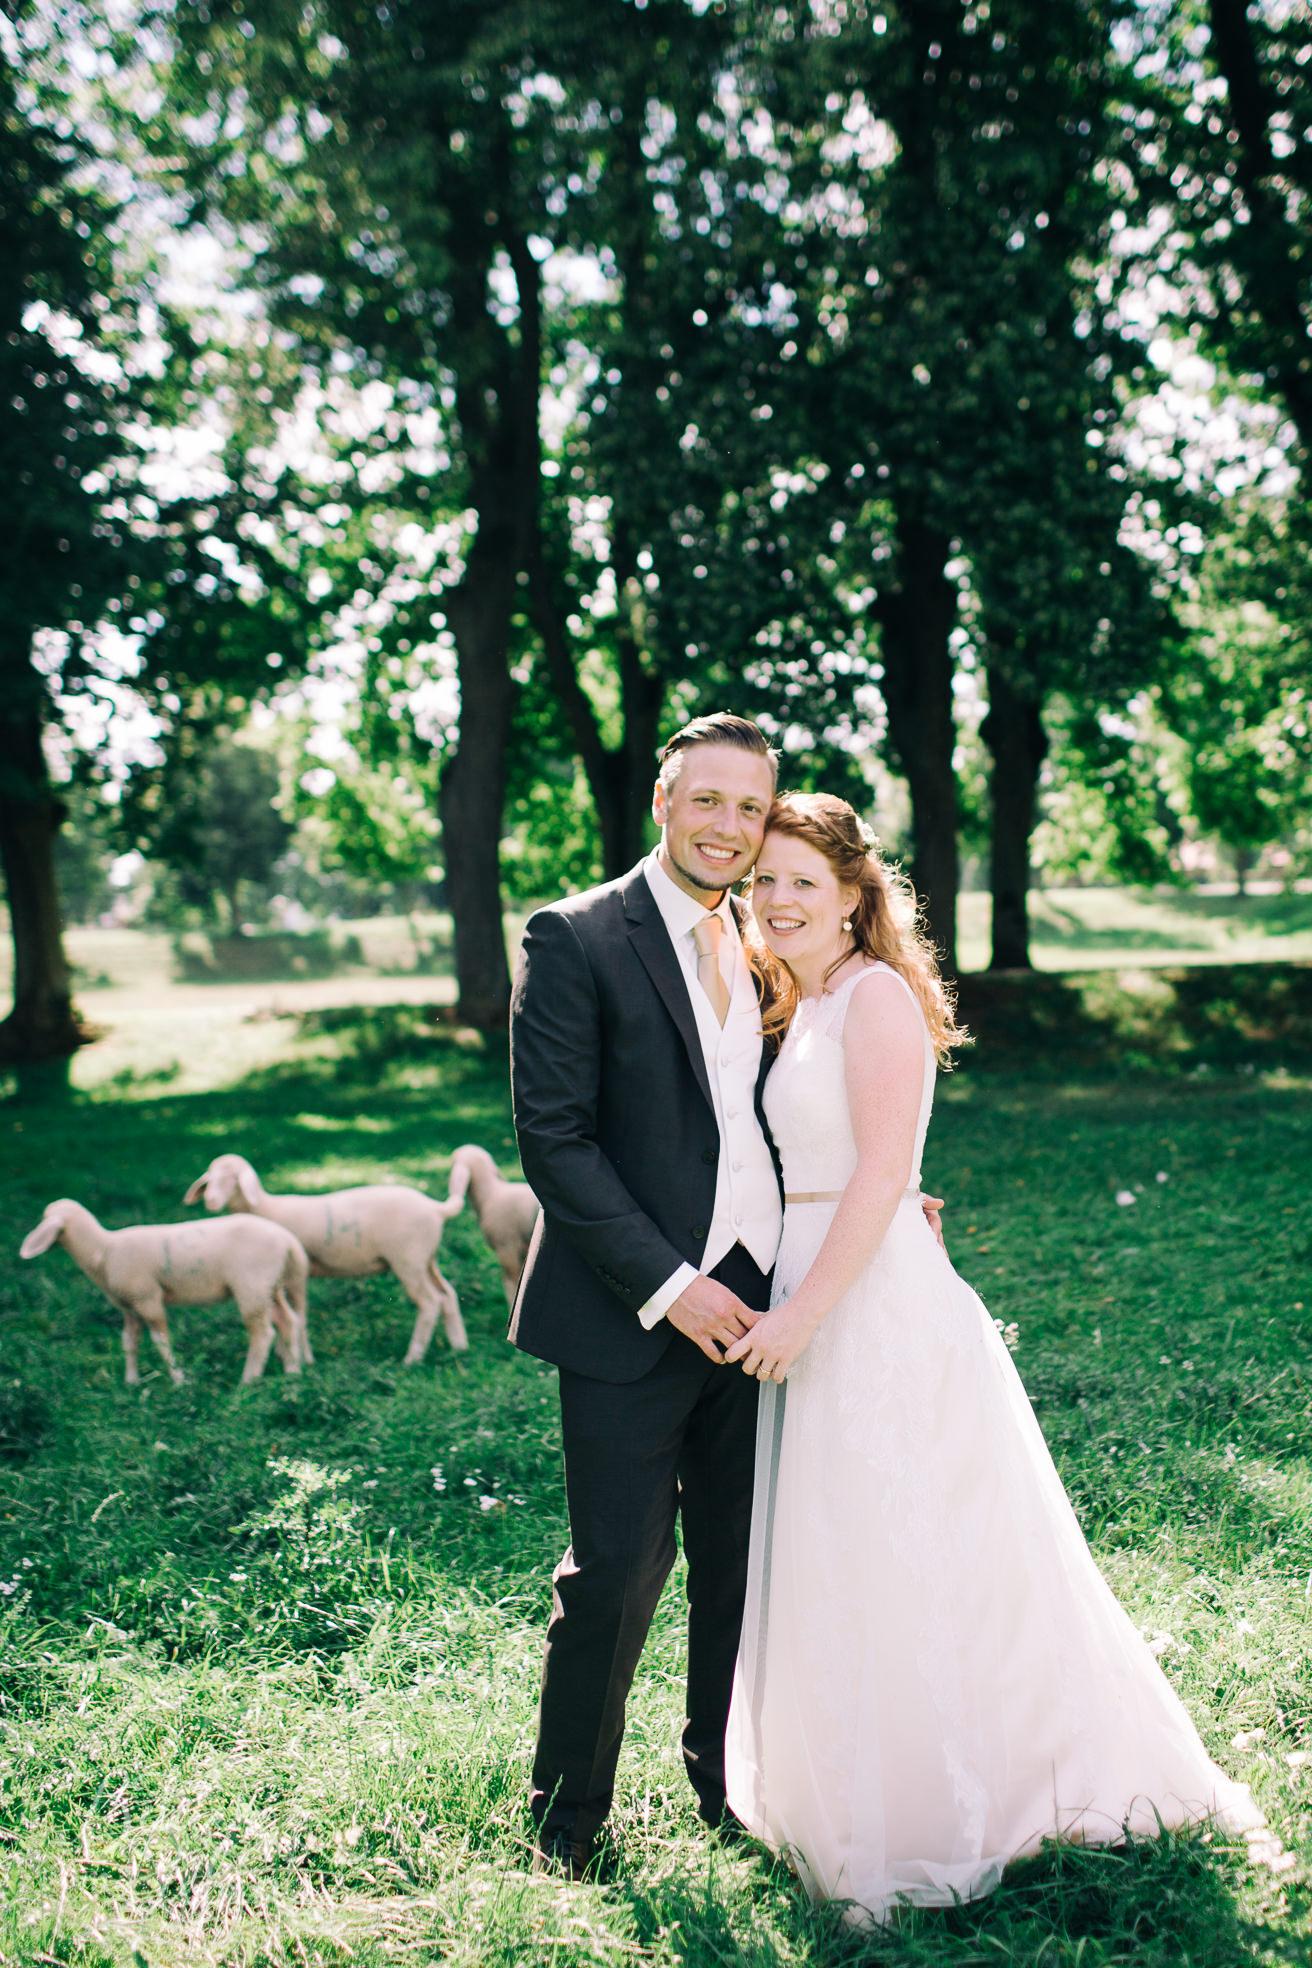 Franzi-Mike-Hochzeitsfotos-Triesdorf-IM2C2238